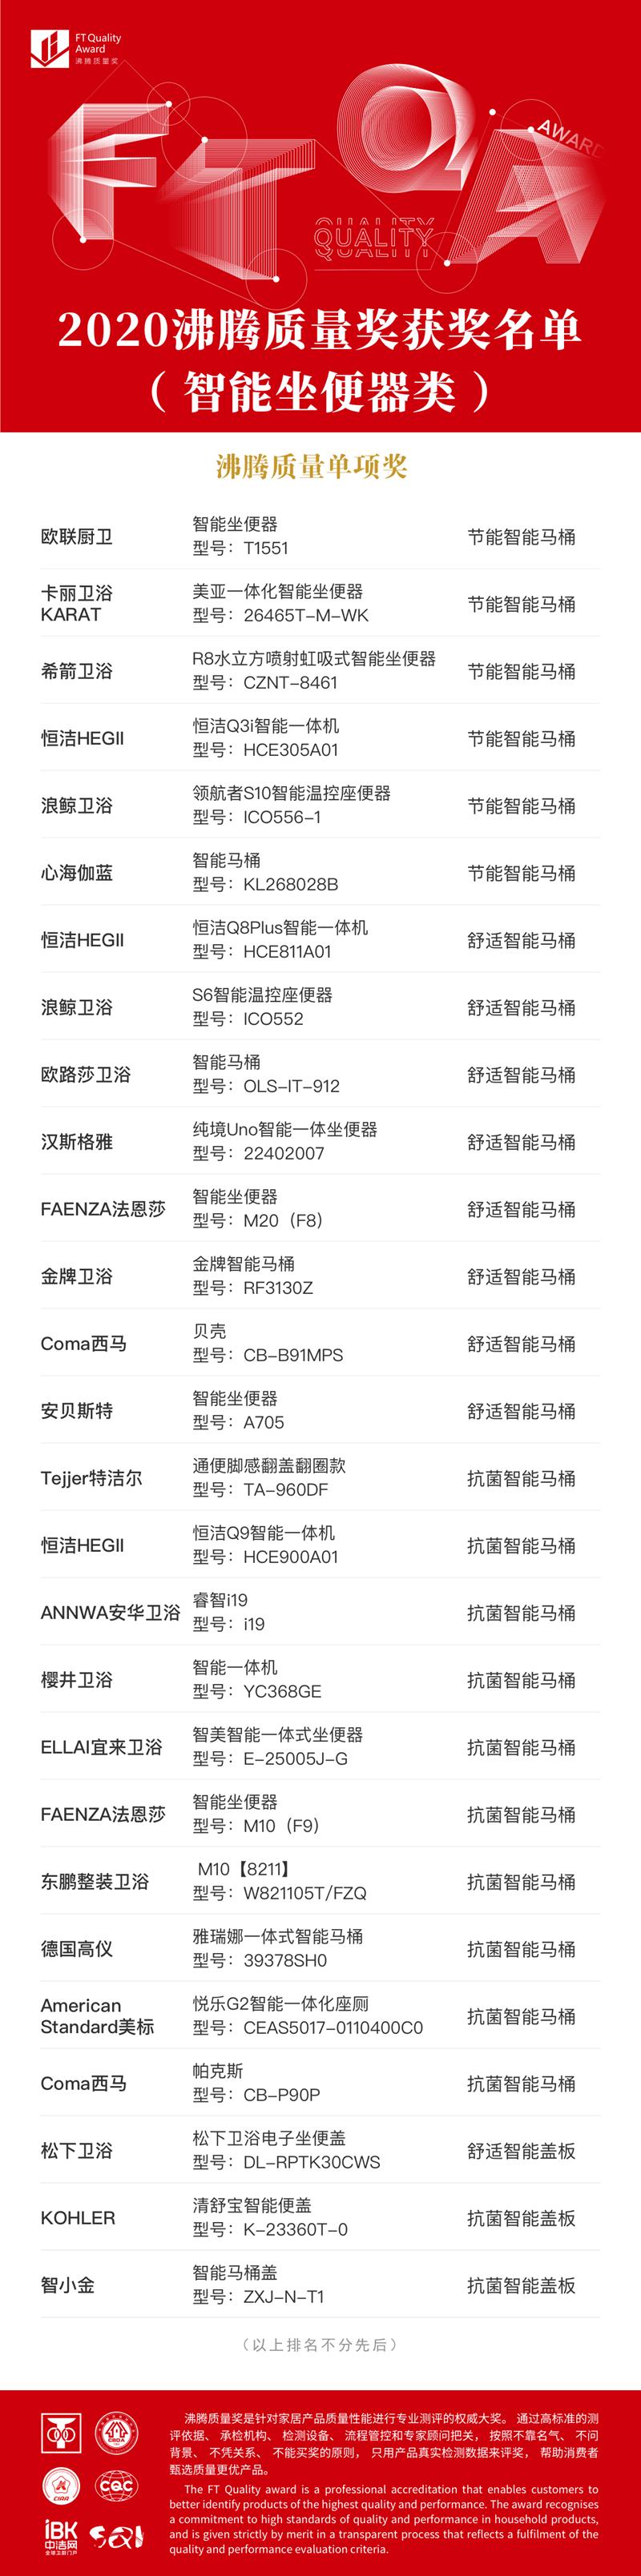 1 沸腾质量奖-智能坐便器-单项奖_副本 (4).png